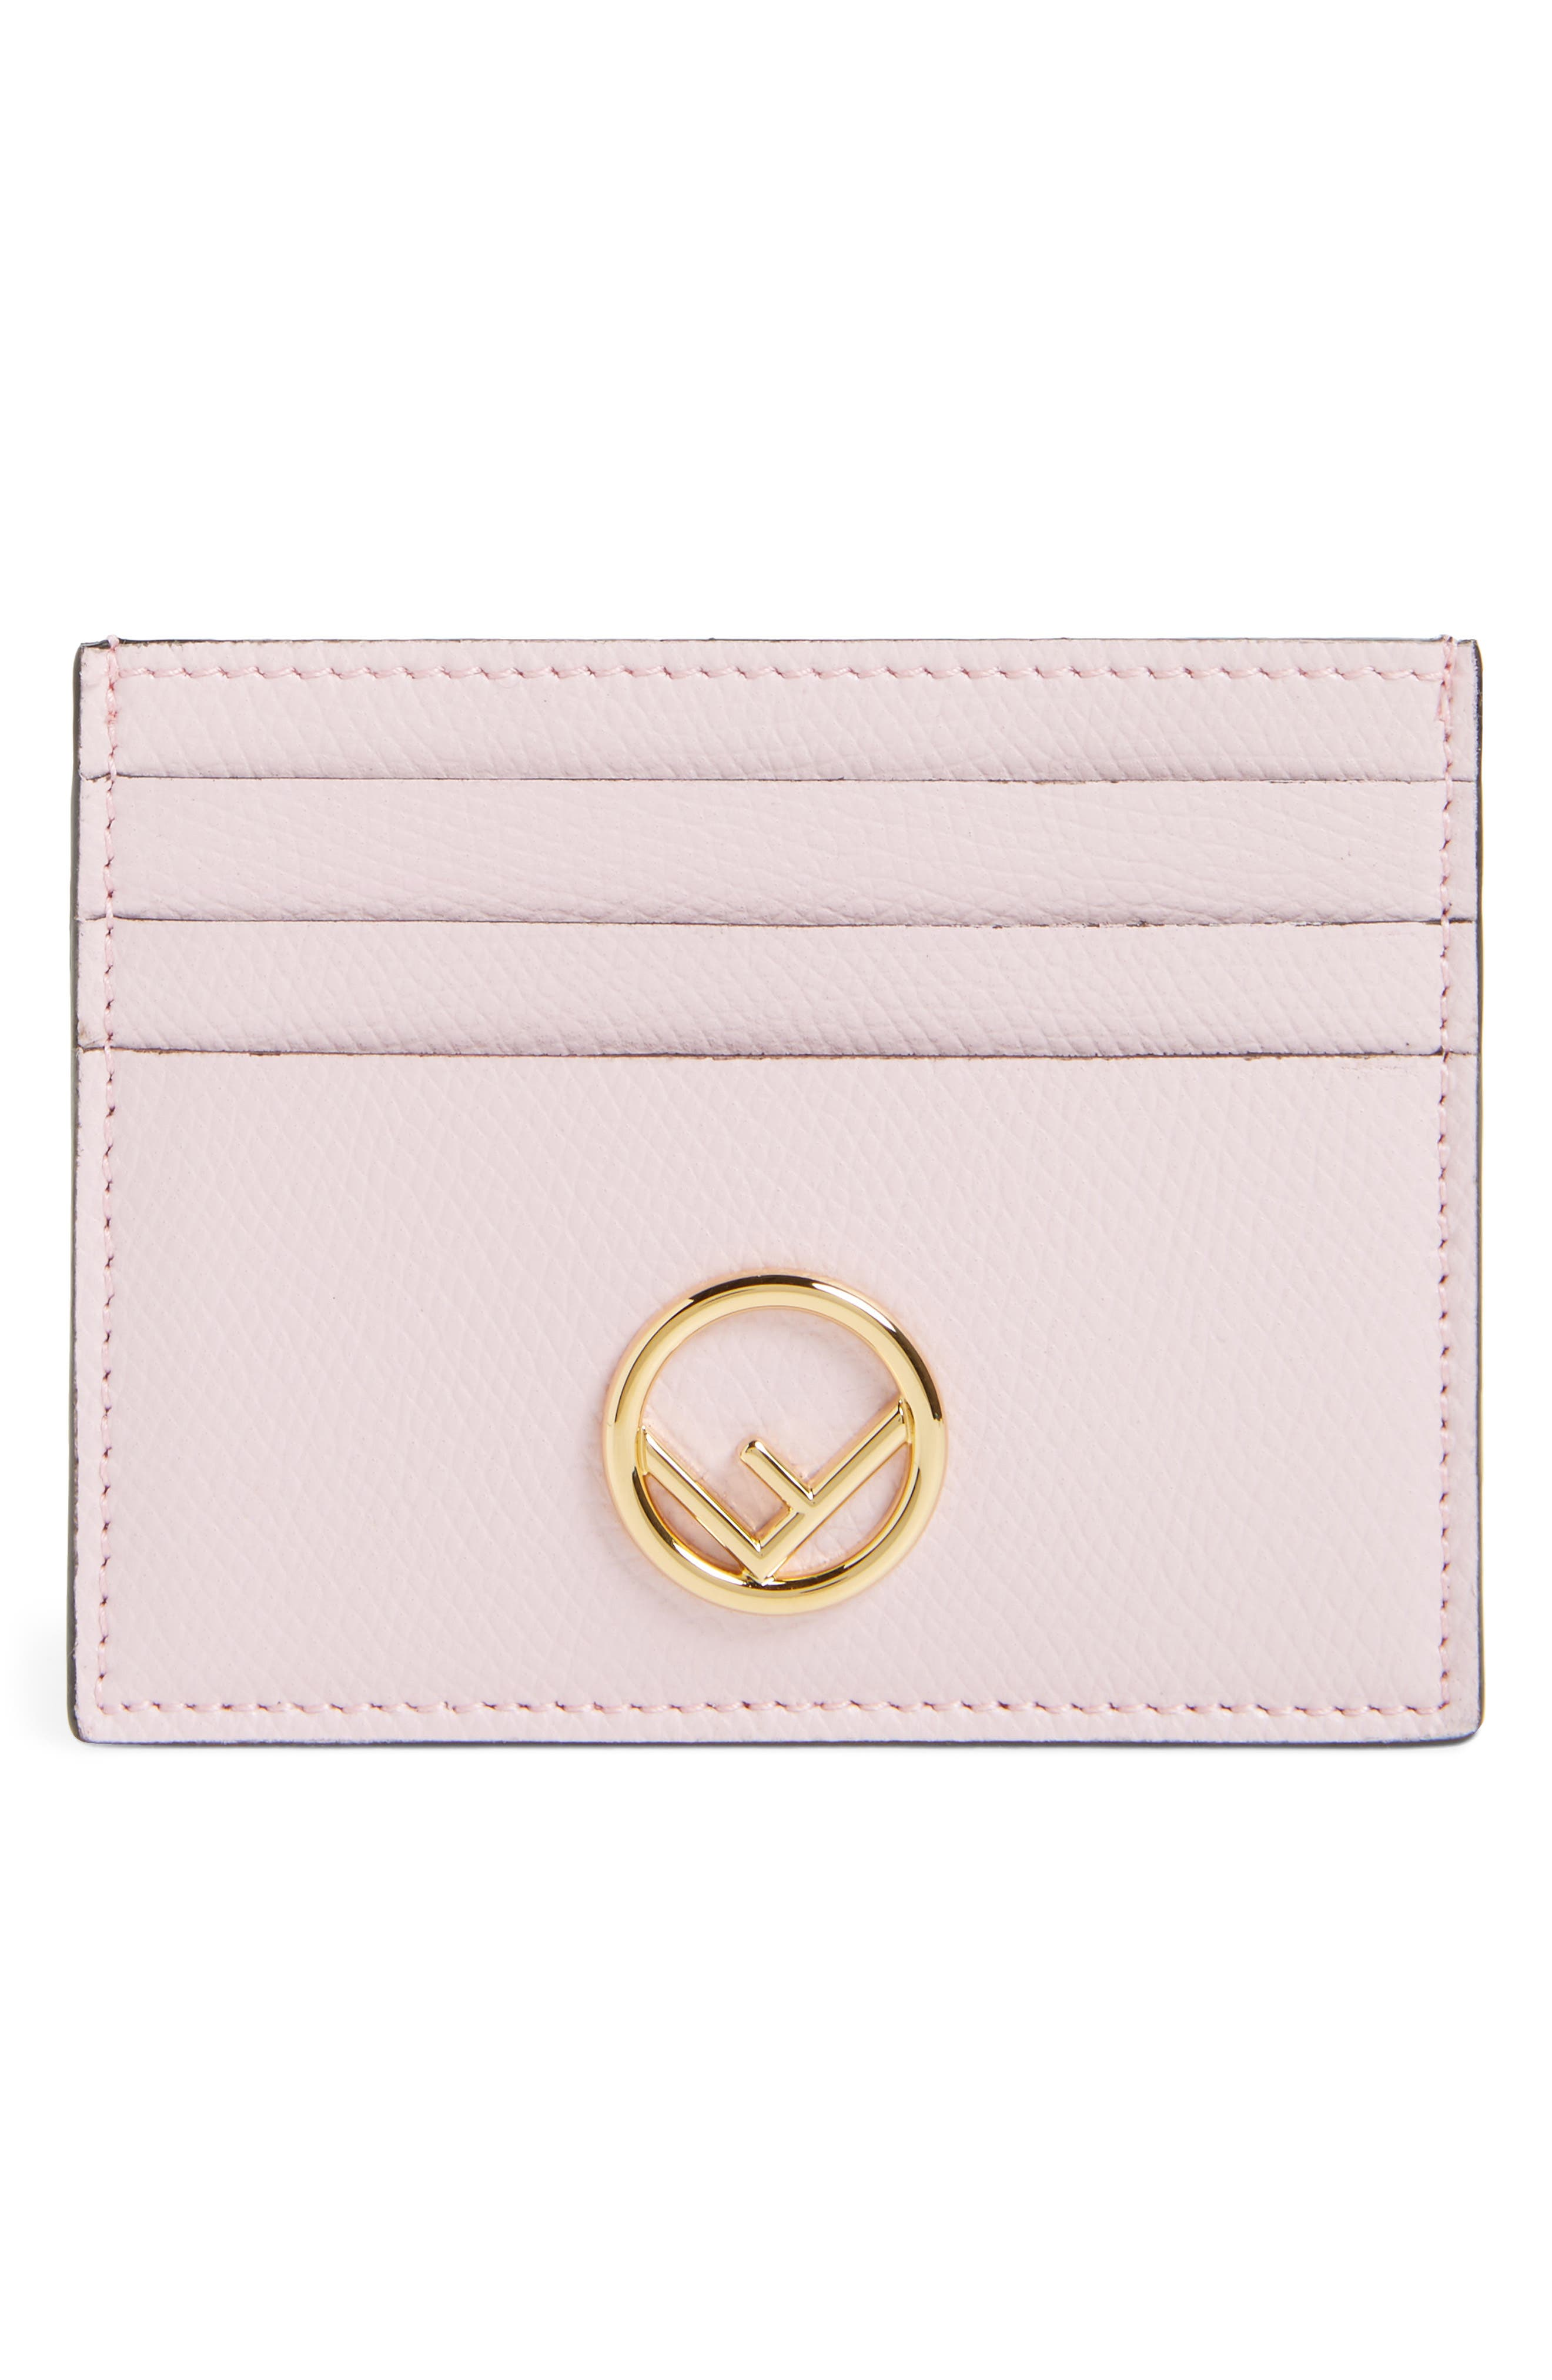 Main Image - Fendi Leather Card Case